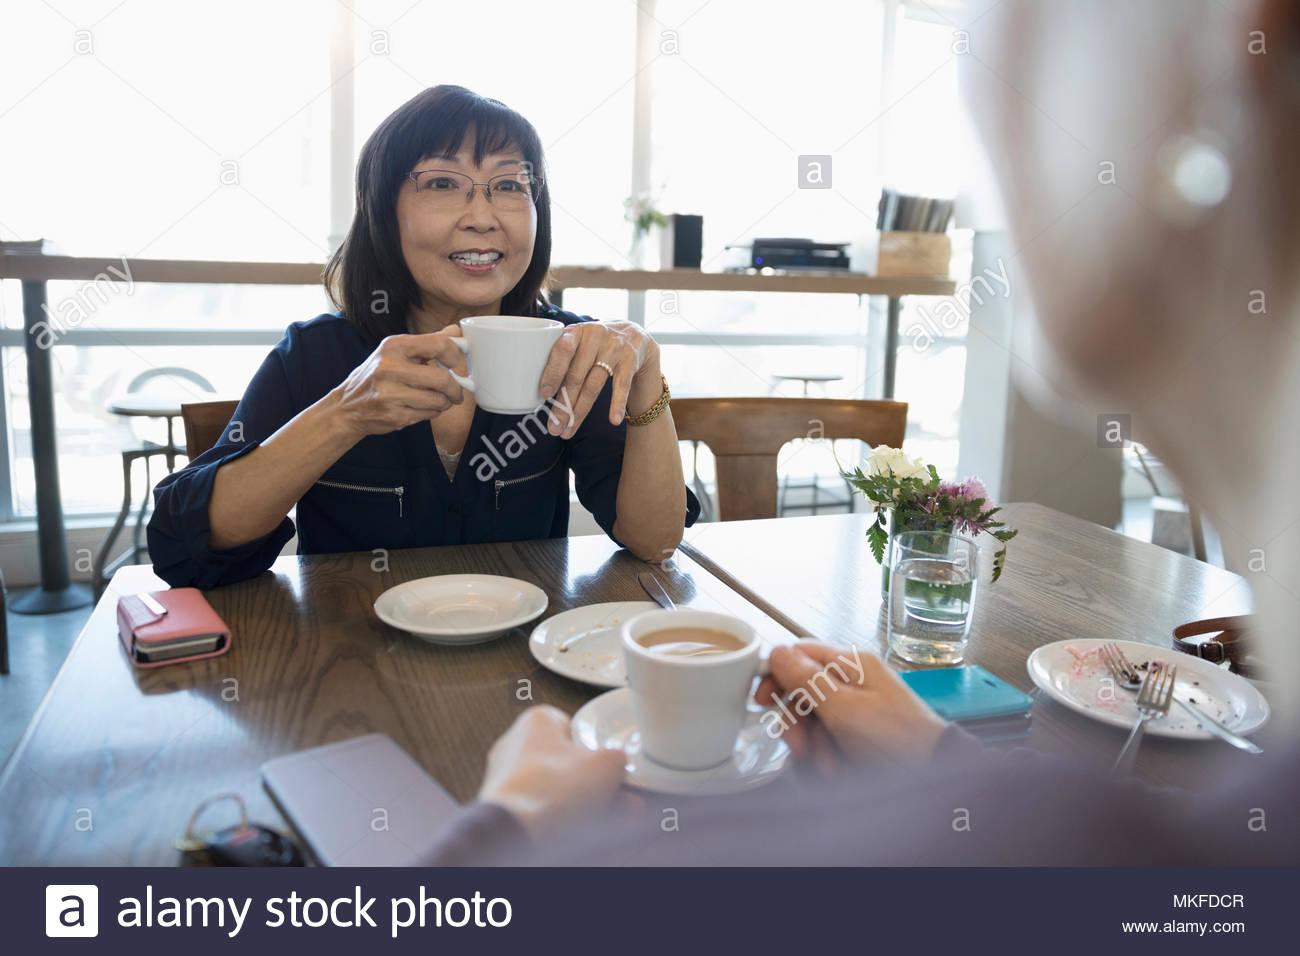 Las mujeres ancianas activas amigos tomando café y hablando en el cafe Imagen De Stock